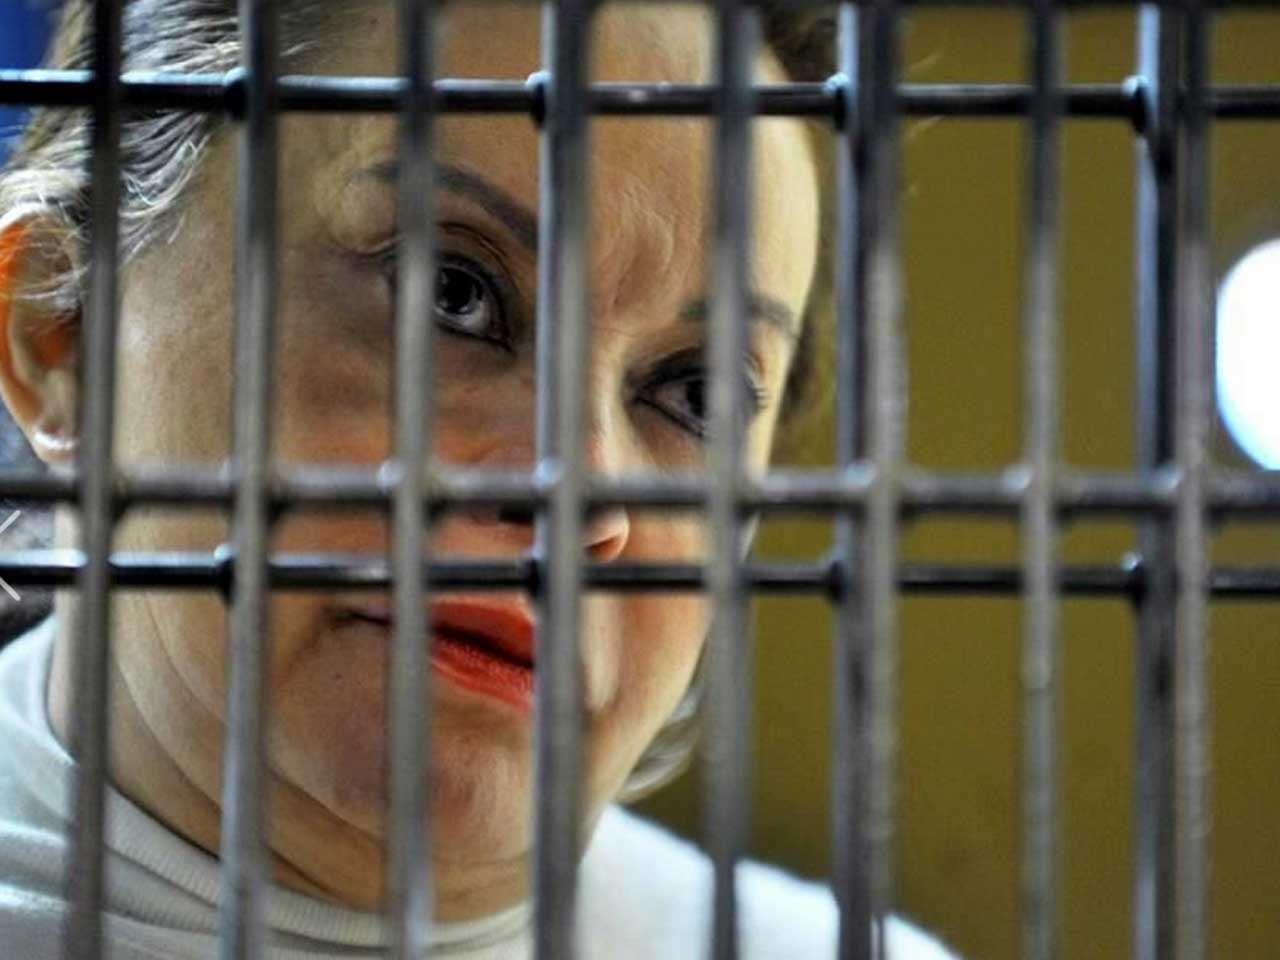 El 26 de febrero de 2013, la líder del SNTE, Elba Esther Gordillo, fue detenida. Actualmente está presa en el Penal Femenil de Tepepan por delincuencia organizada y lavado de mil 978 mdp. Foto: Archivo/Reforma